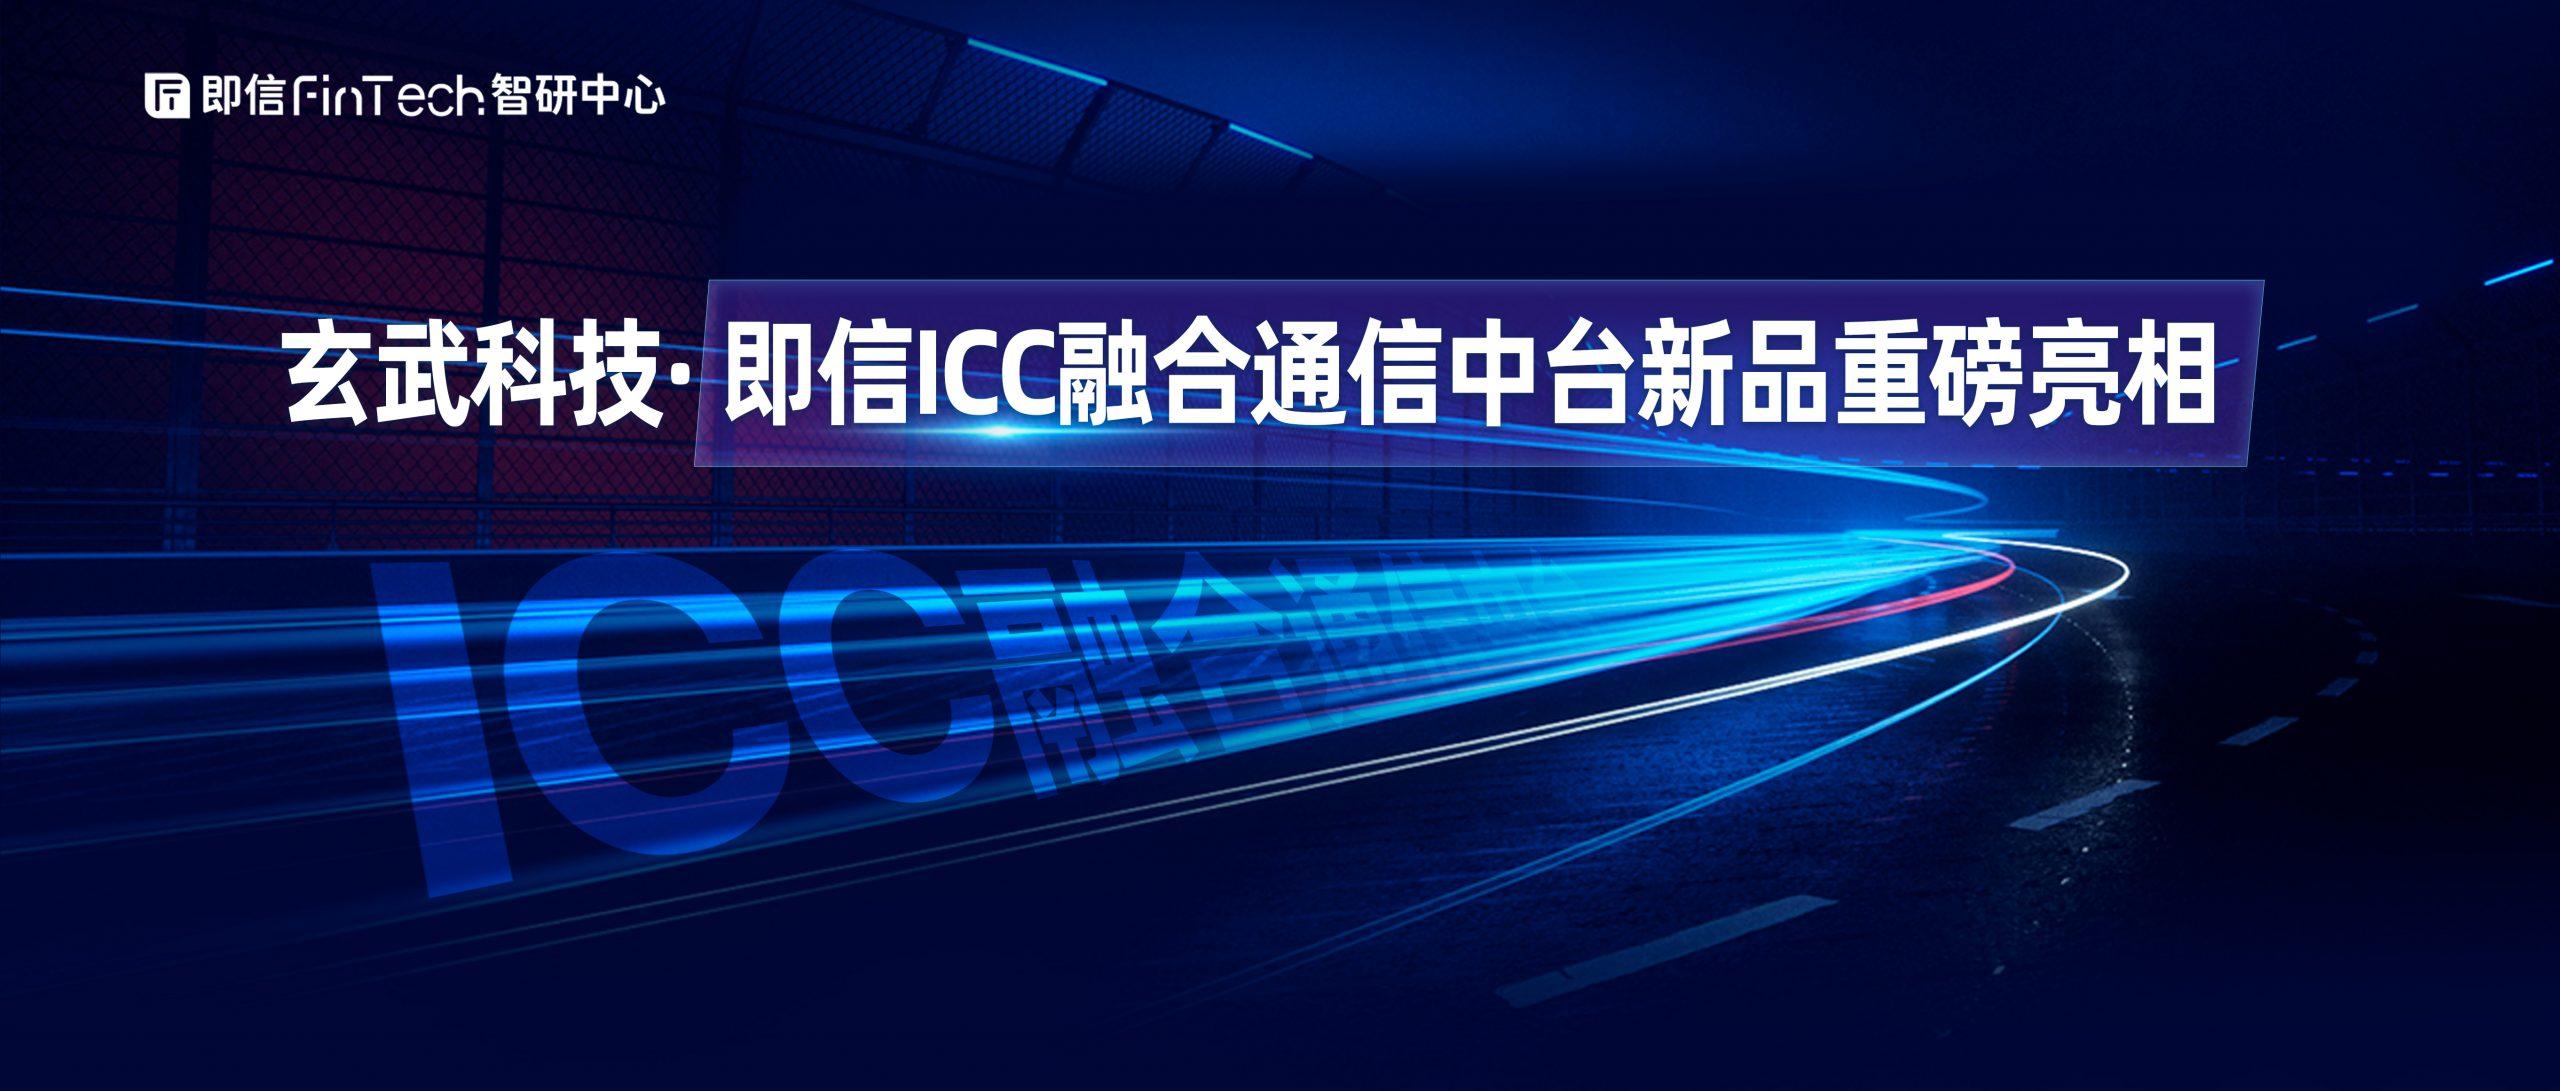 """玄武科技·即信ICC融合通信中台新品重磅亮相 助力企业实现""""社交化运营""""的弯道超车"""